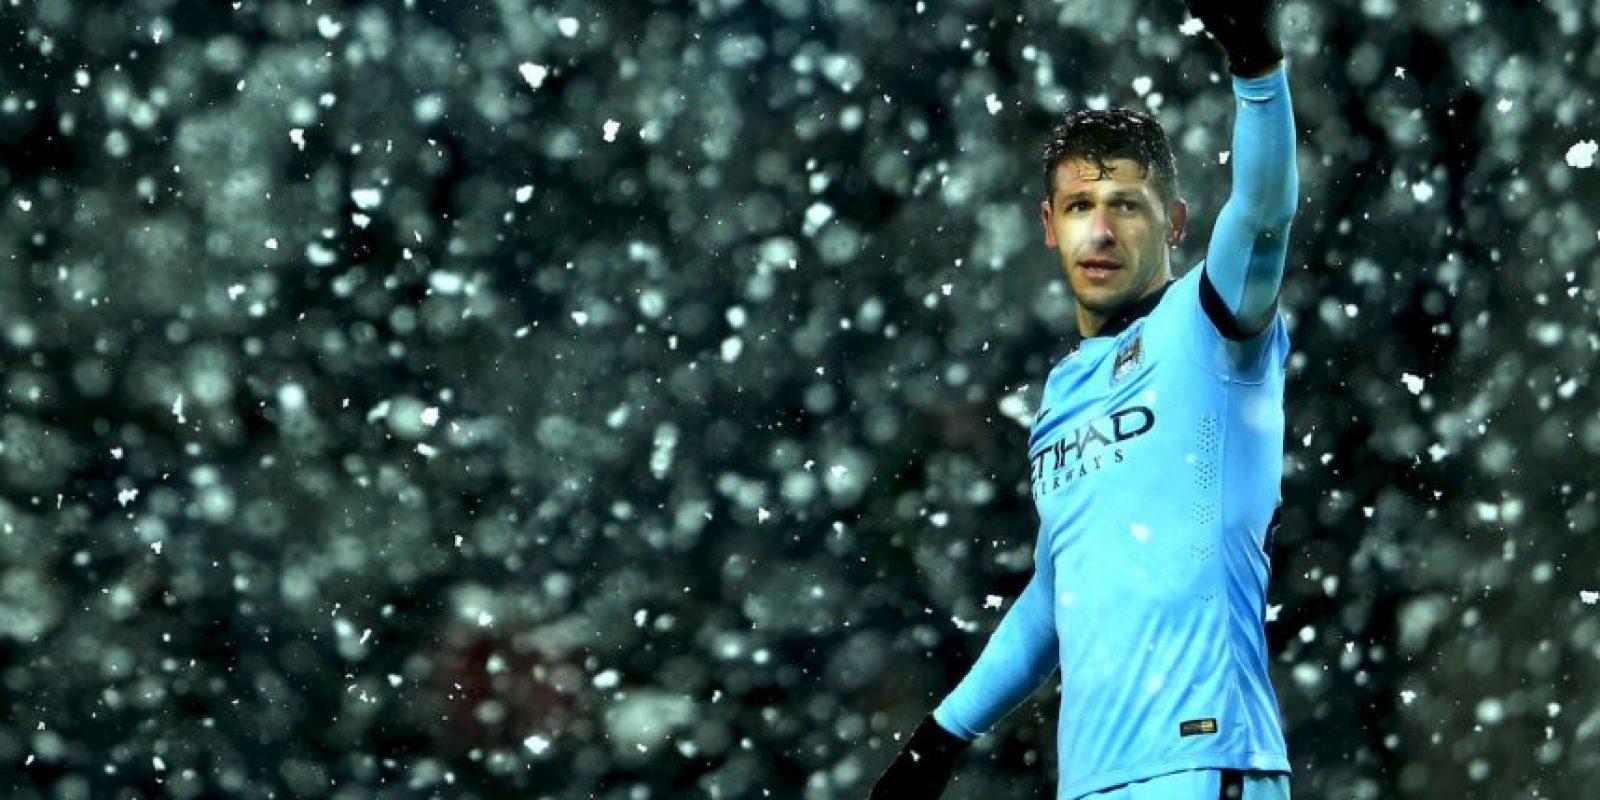 Apenas disputó 14 juegos de la Premier League la campaña anterior como titular, pero si convence a Pellegrini esta campaña podría tener más minutos. Foto:Getty Images